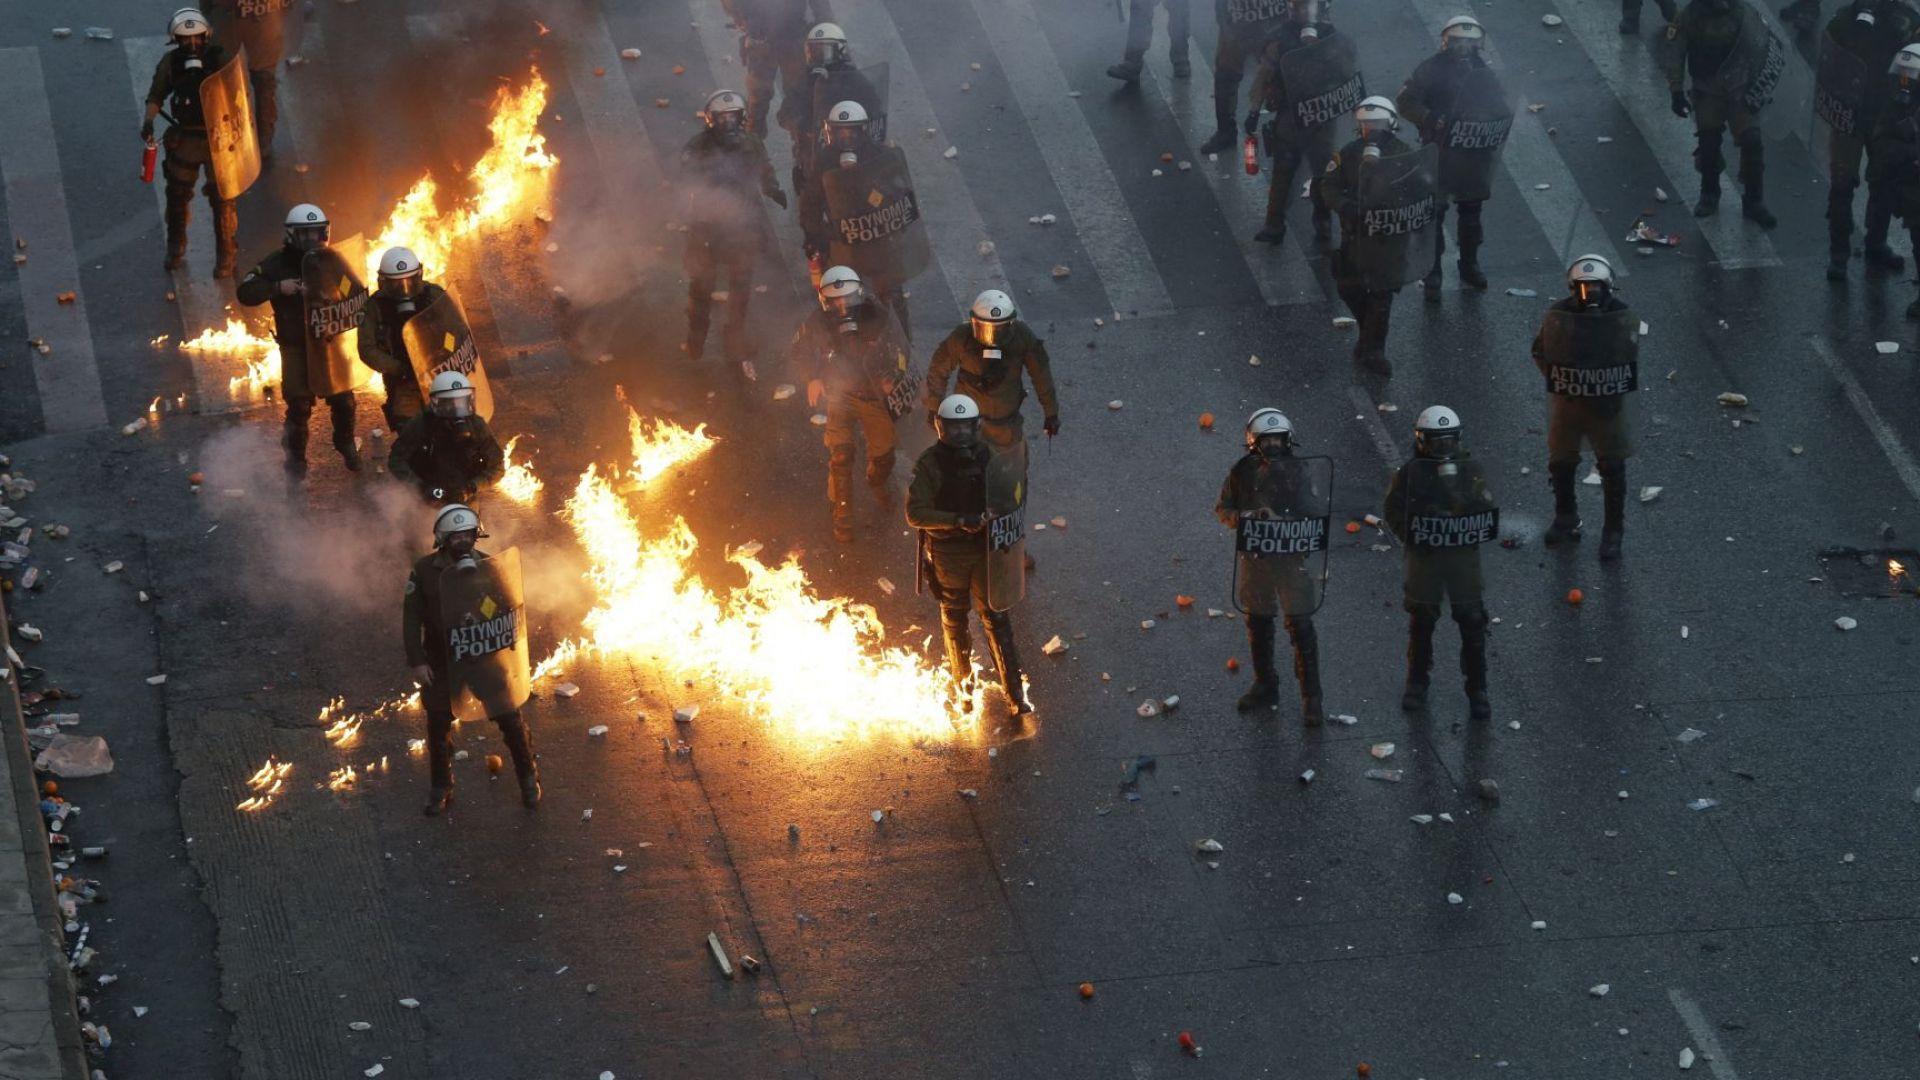 """Коктейли """"Молотов"""" и сълзотворен газ при сблъсъци в Атина заради Македония"""